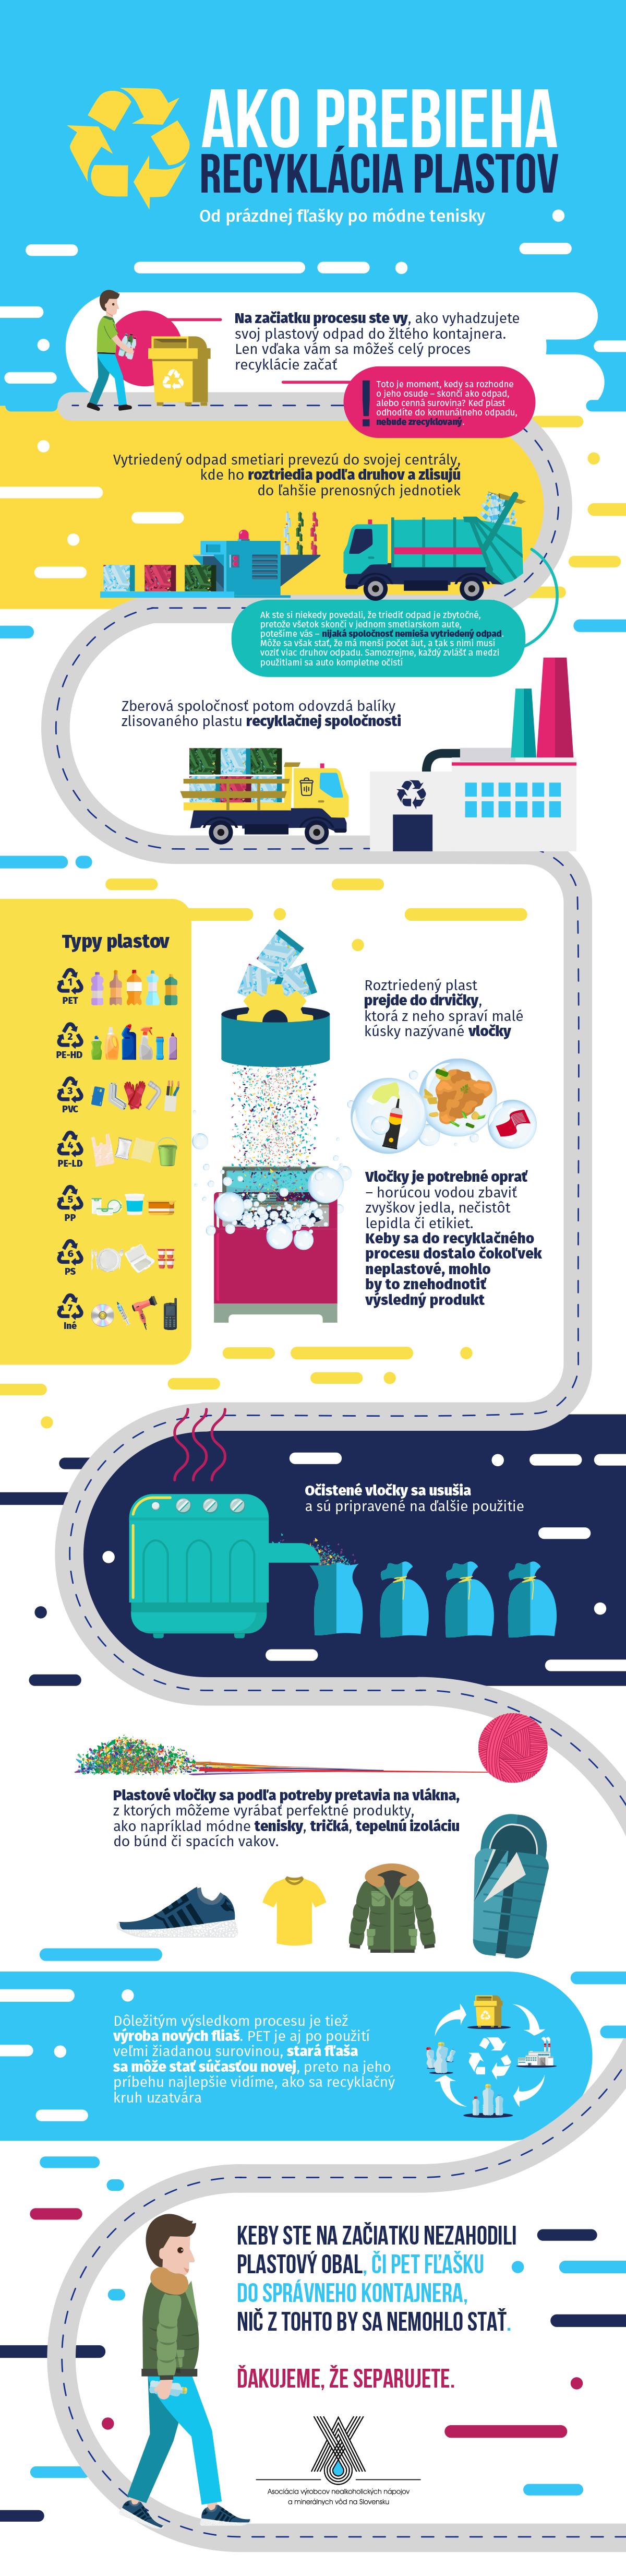 infografika ako prebieha recyklacia plastov